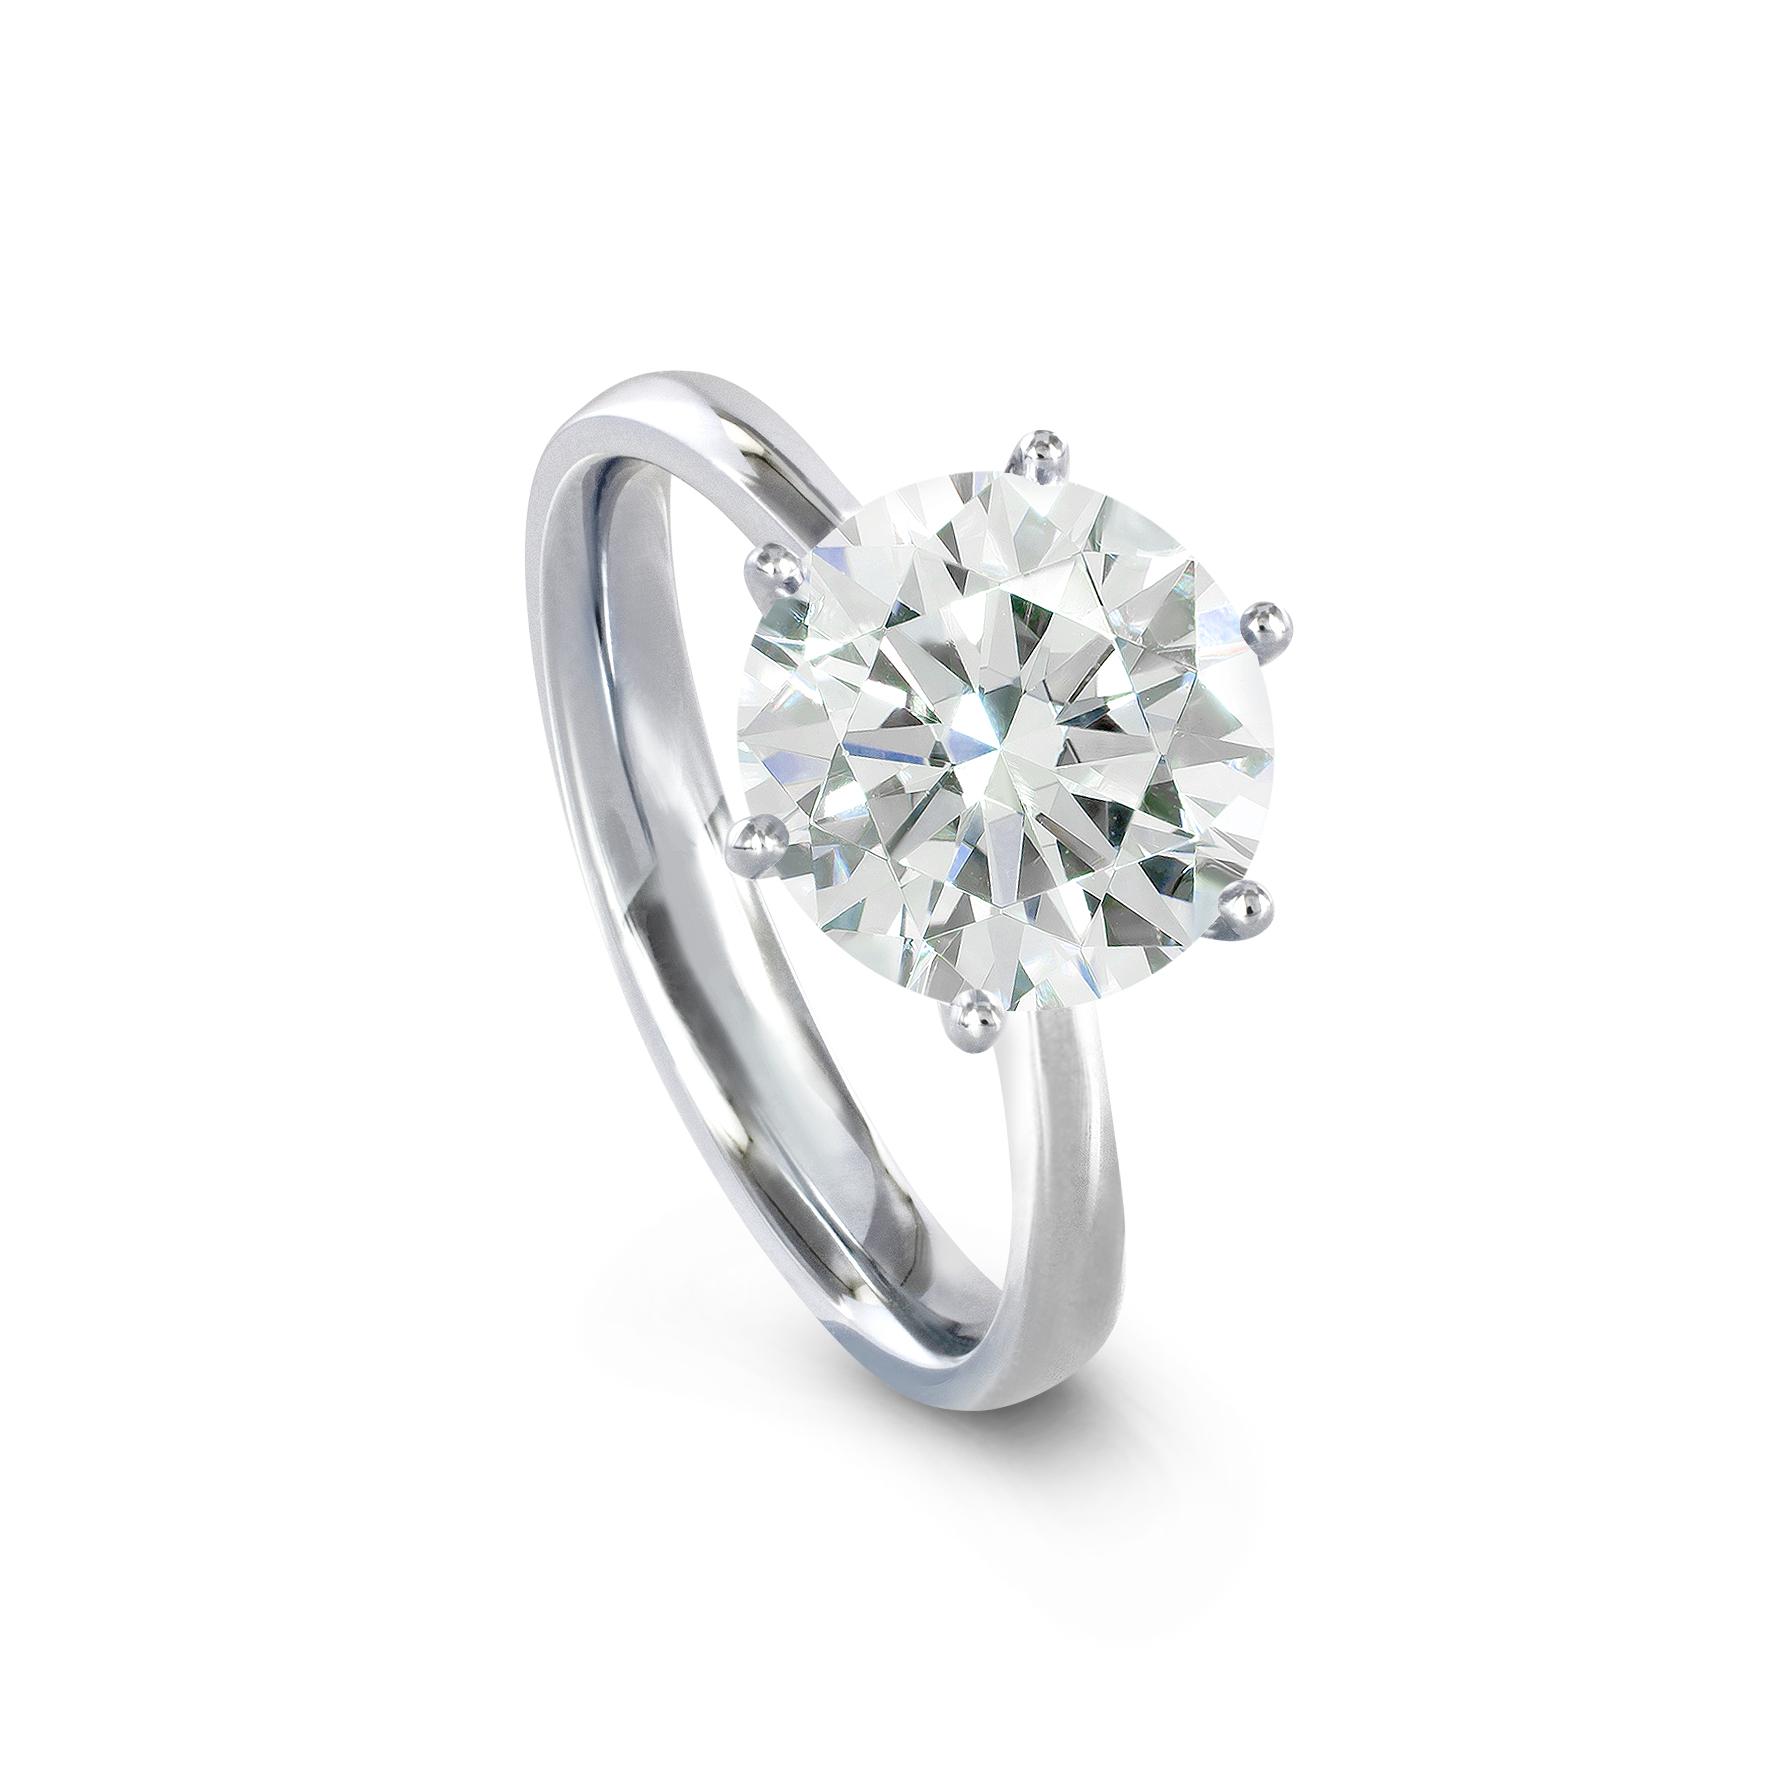 Кольца с бриллиантами на заказ, купить дорогое кольцо с крупным бриллиантом 401a3a00dbf